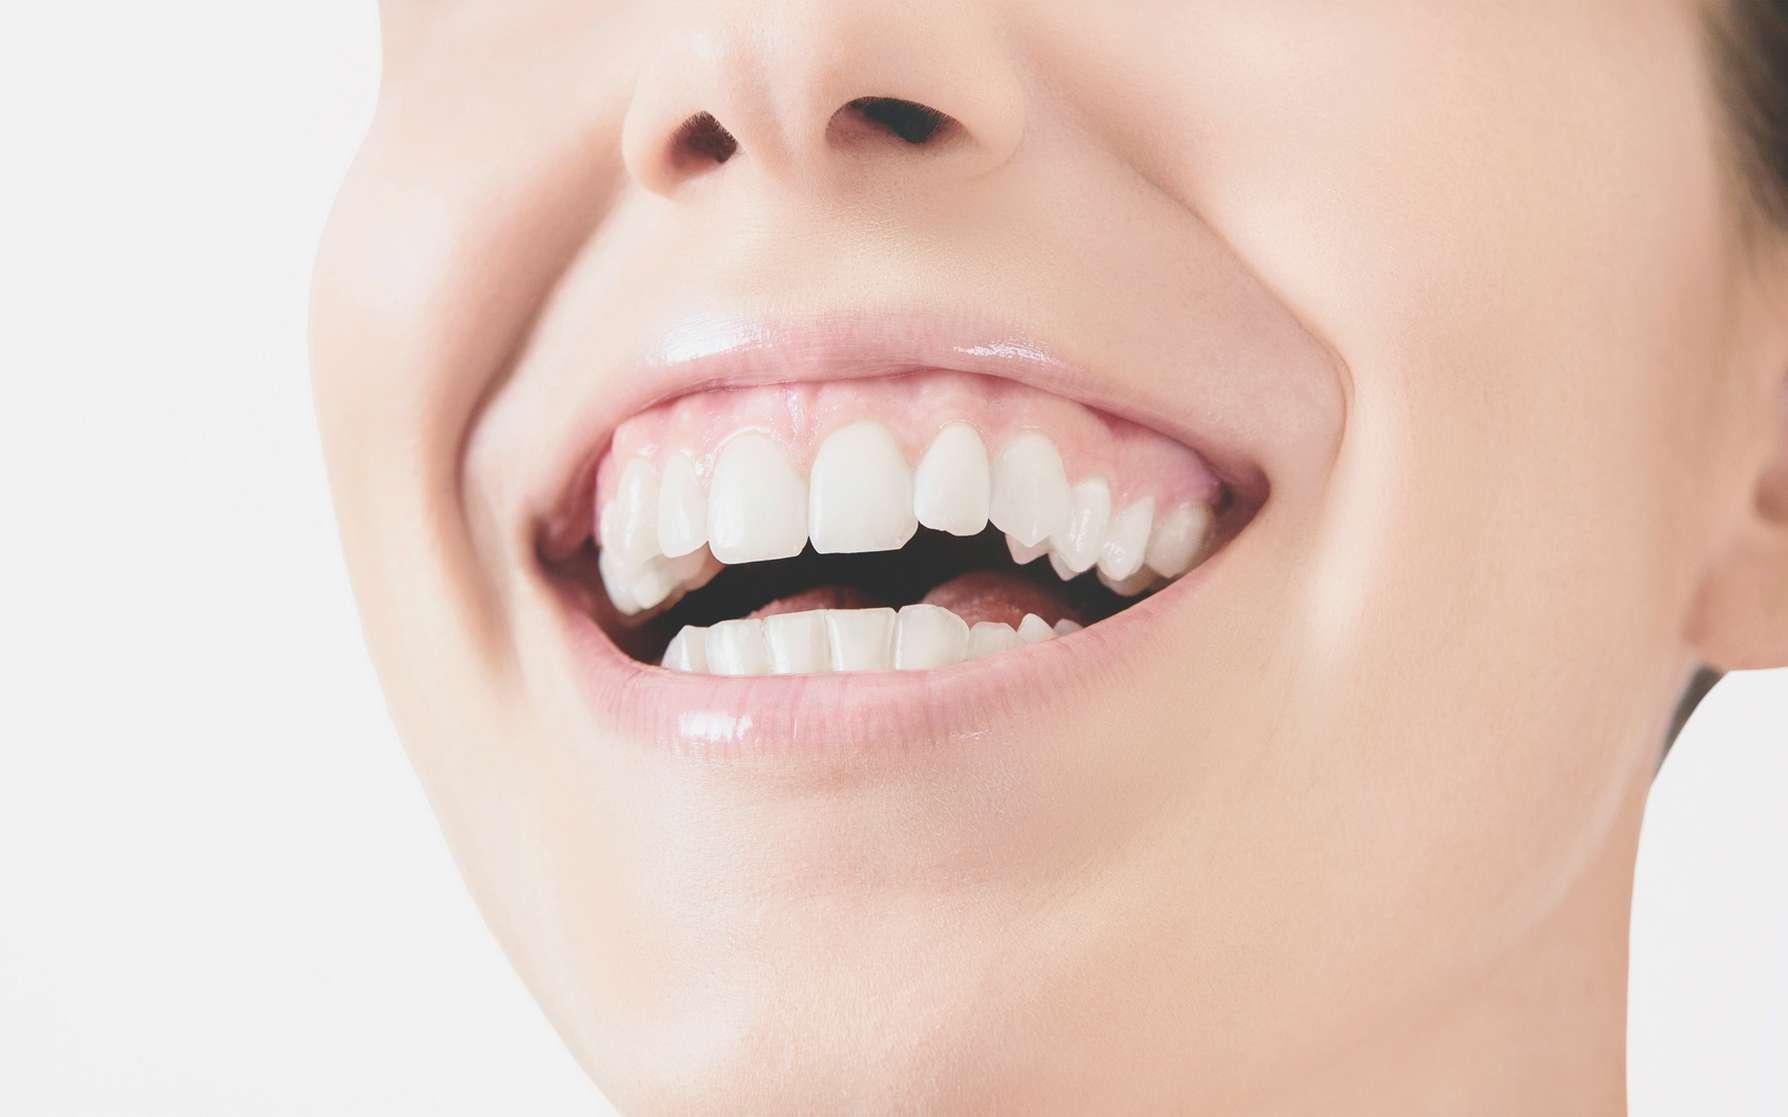 Lorsque la dentine est à nu, le patient peut souffrir d'hypersensibilité dentinaire. © ALDECAstudio, Fotolia